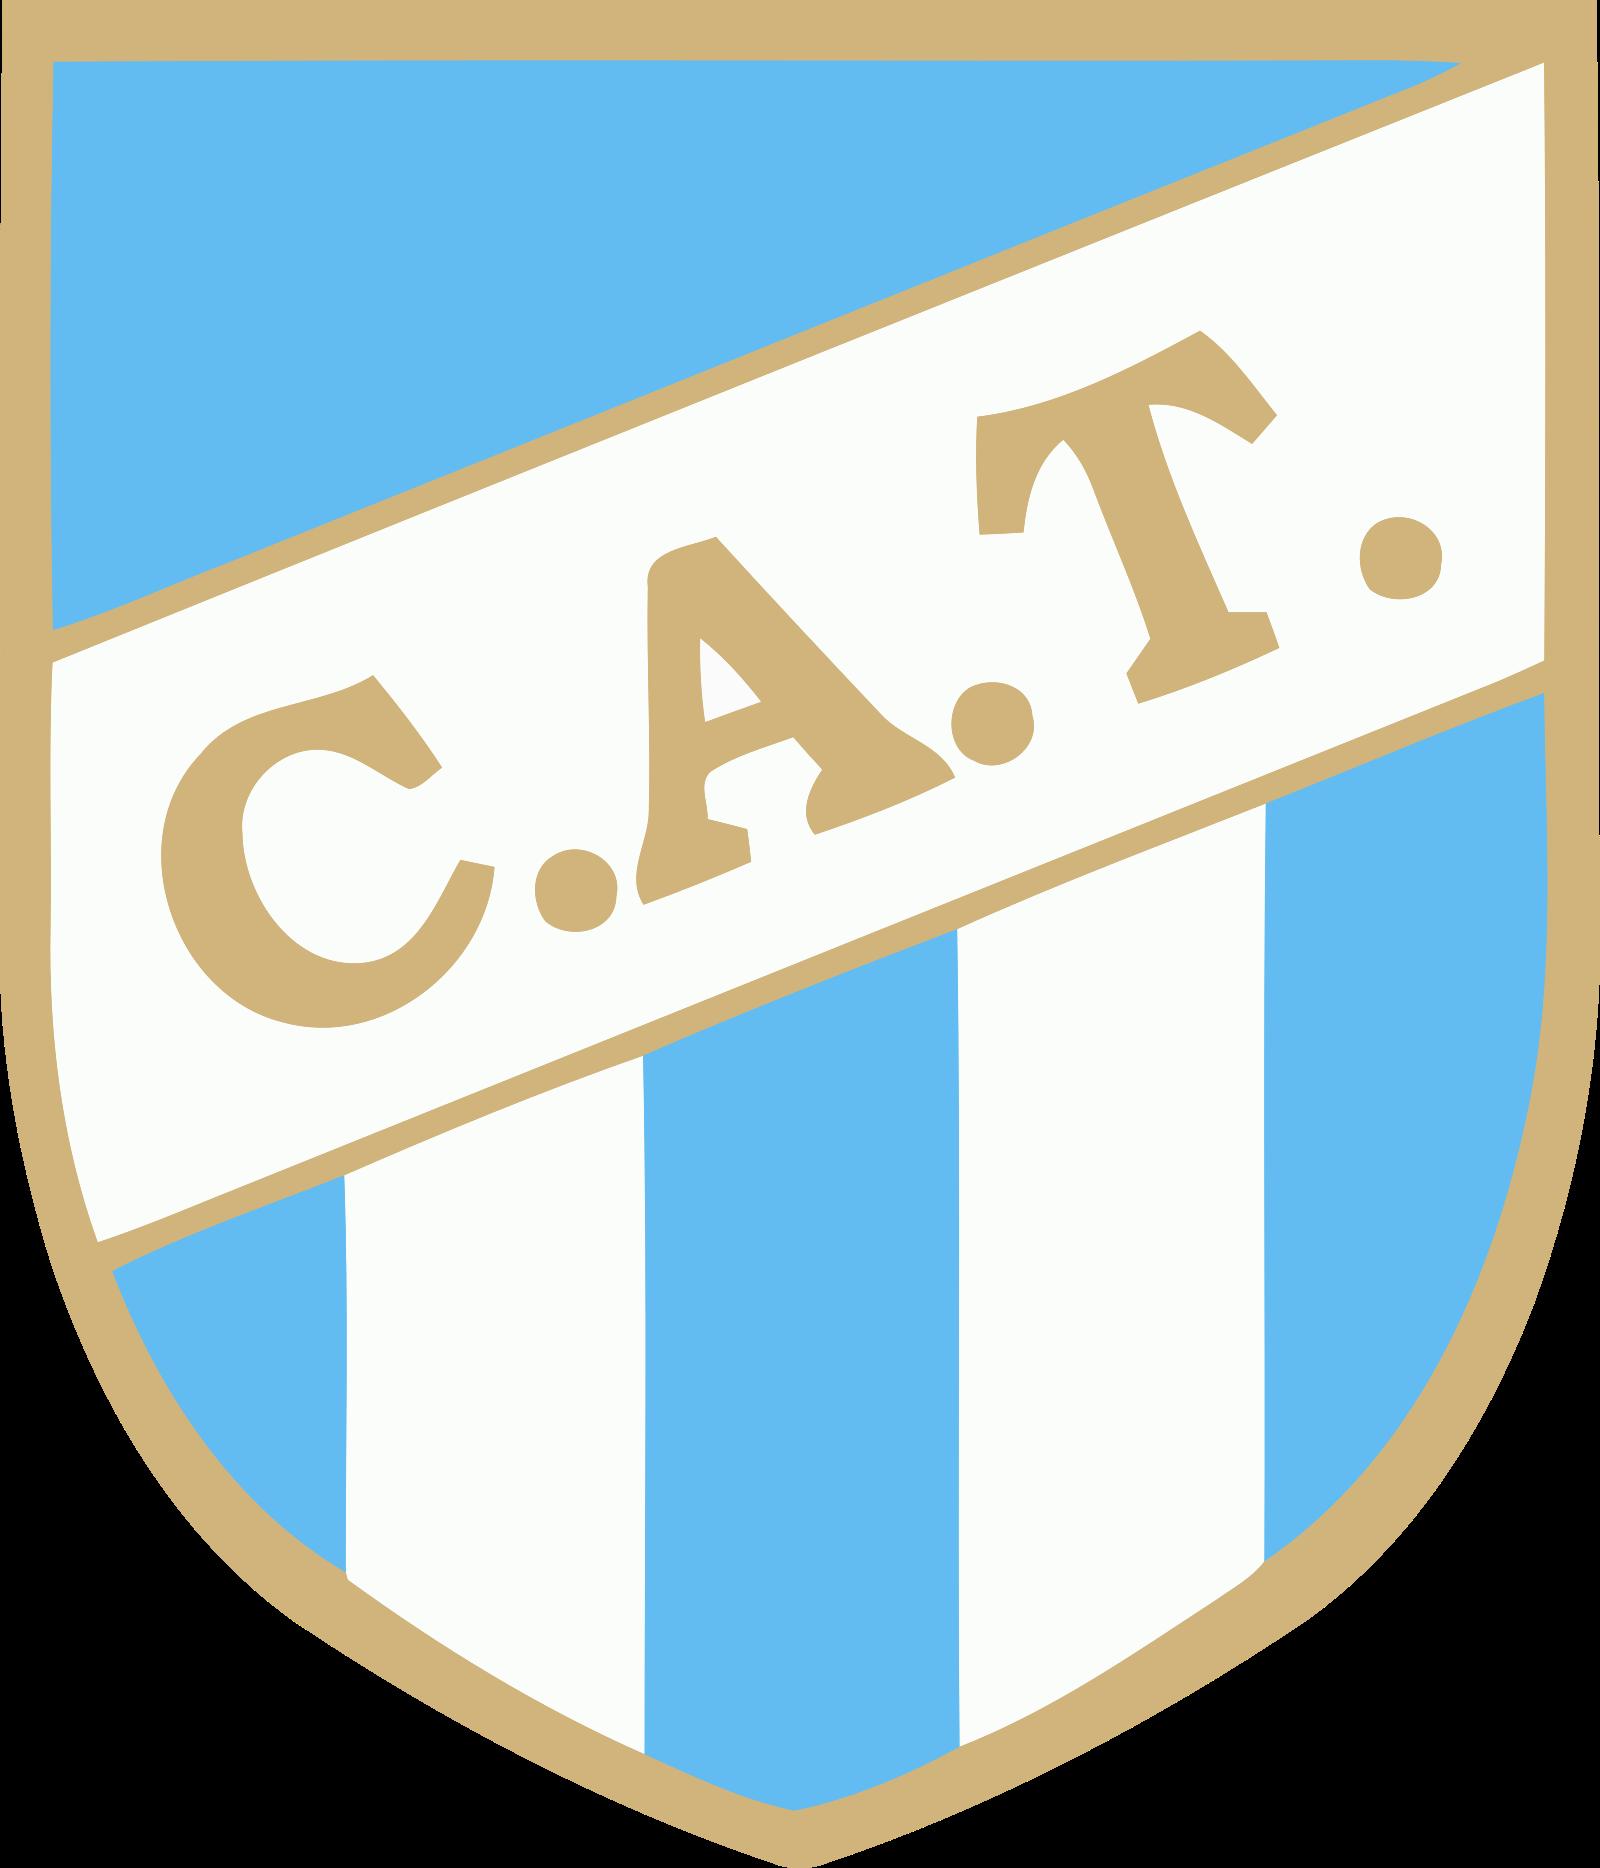 atletico tucuman logo escudo 2 - Club Atlético Tucumán Logo - Escudo